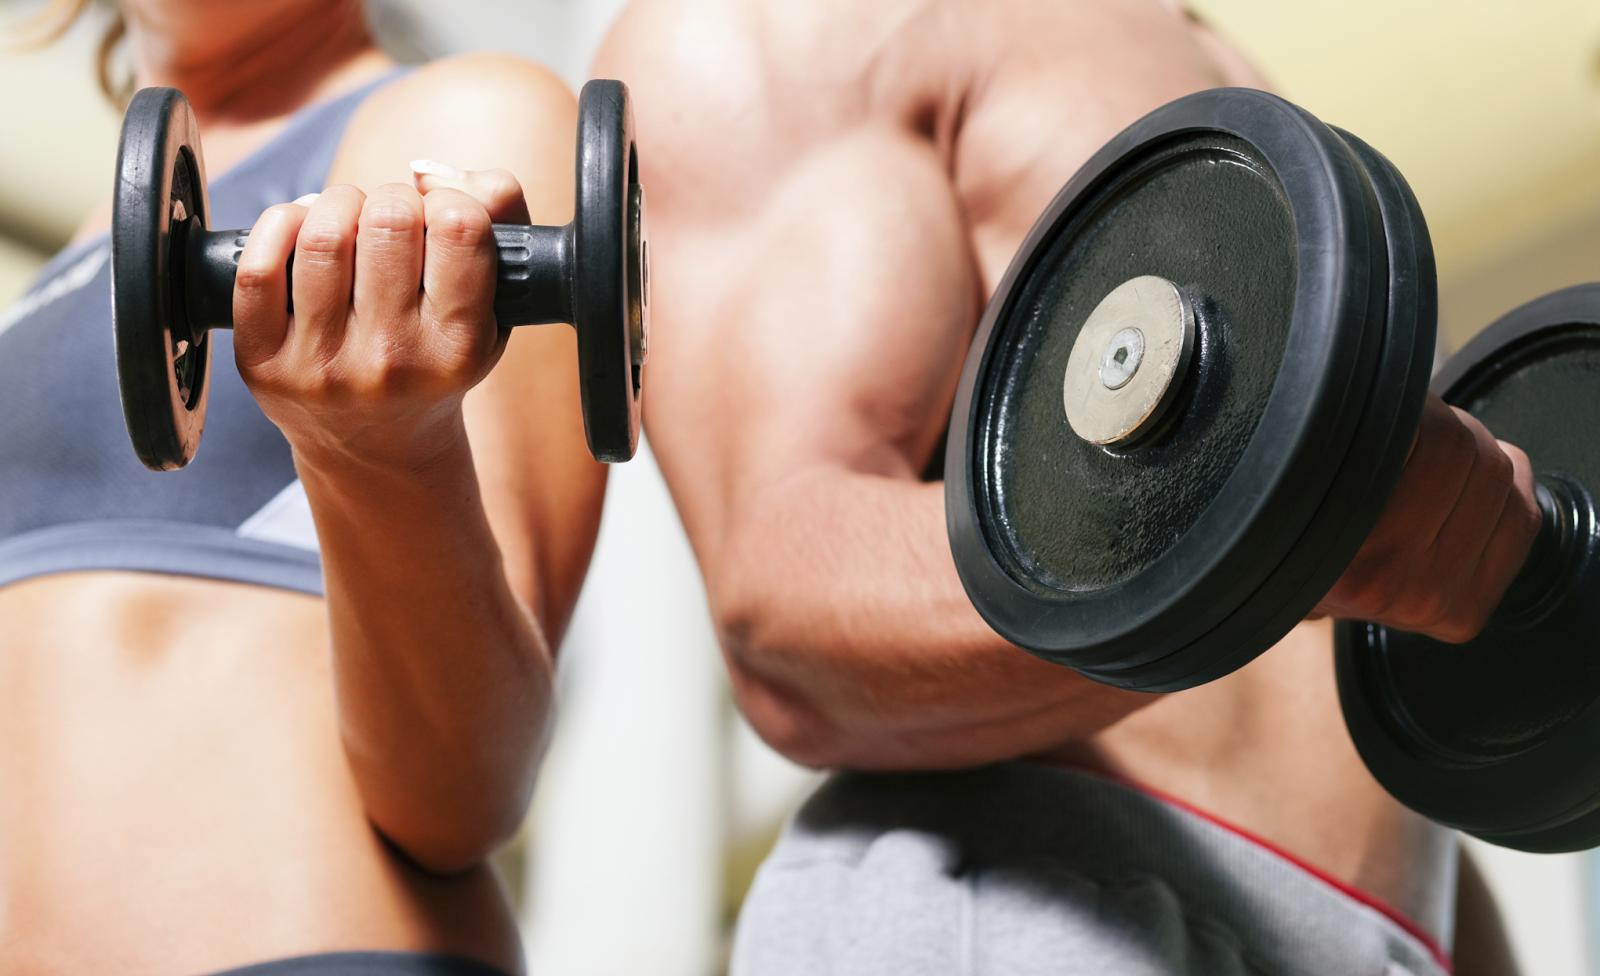 O Treinamento de Força Máxima Melhora a Densidade Óssea e Previne a Osteoporose em Mulheres